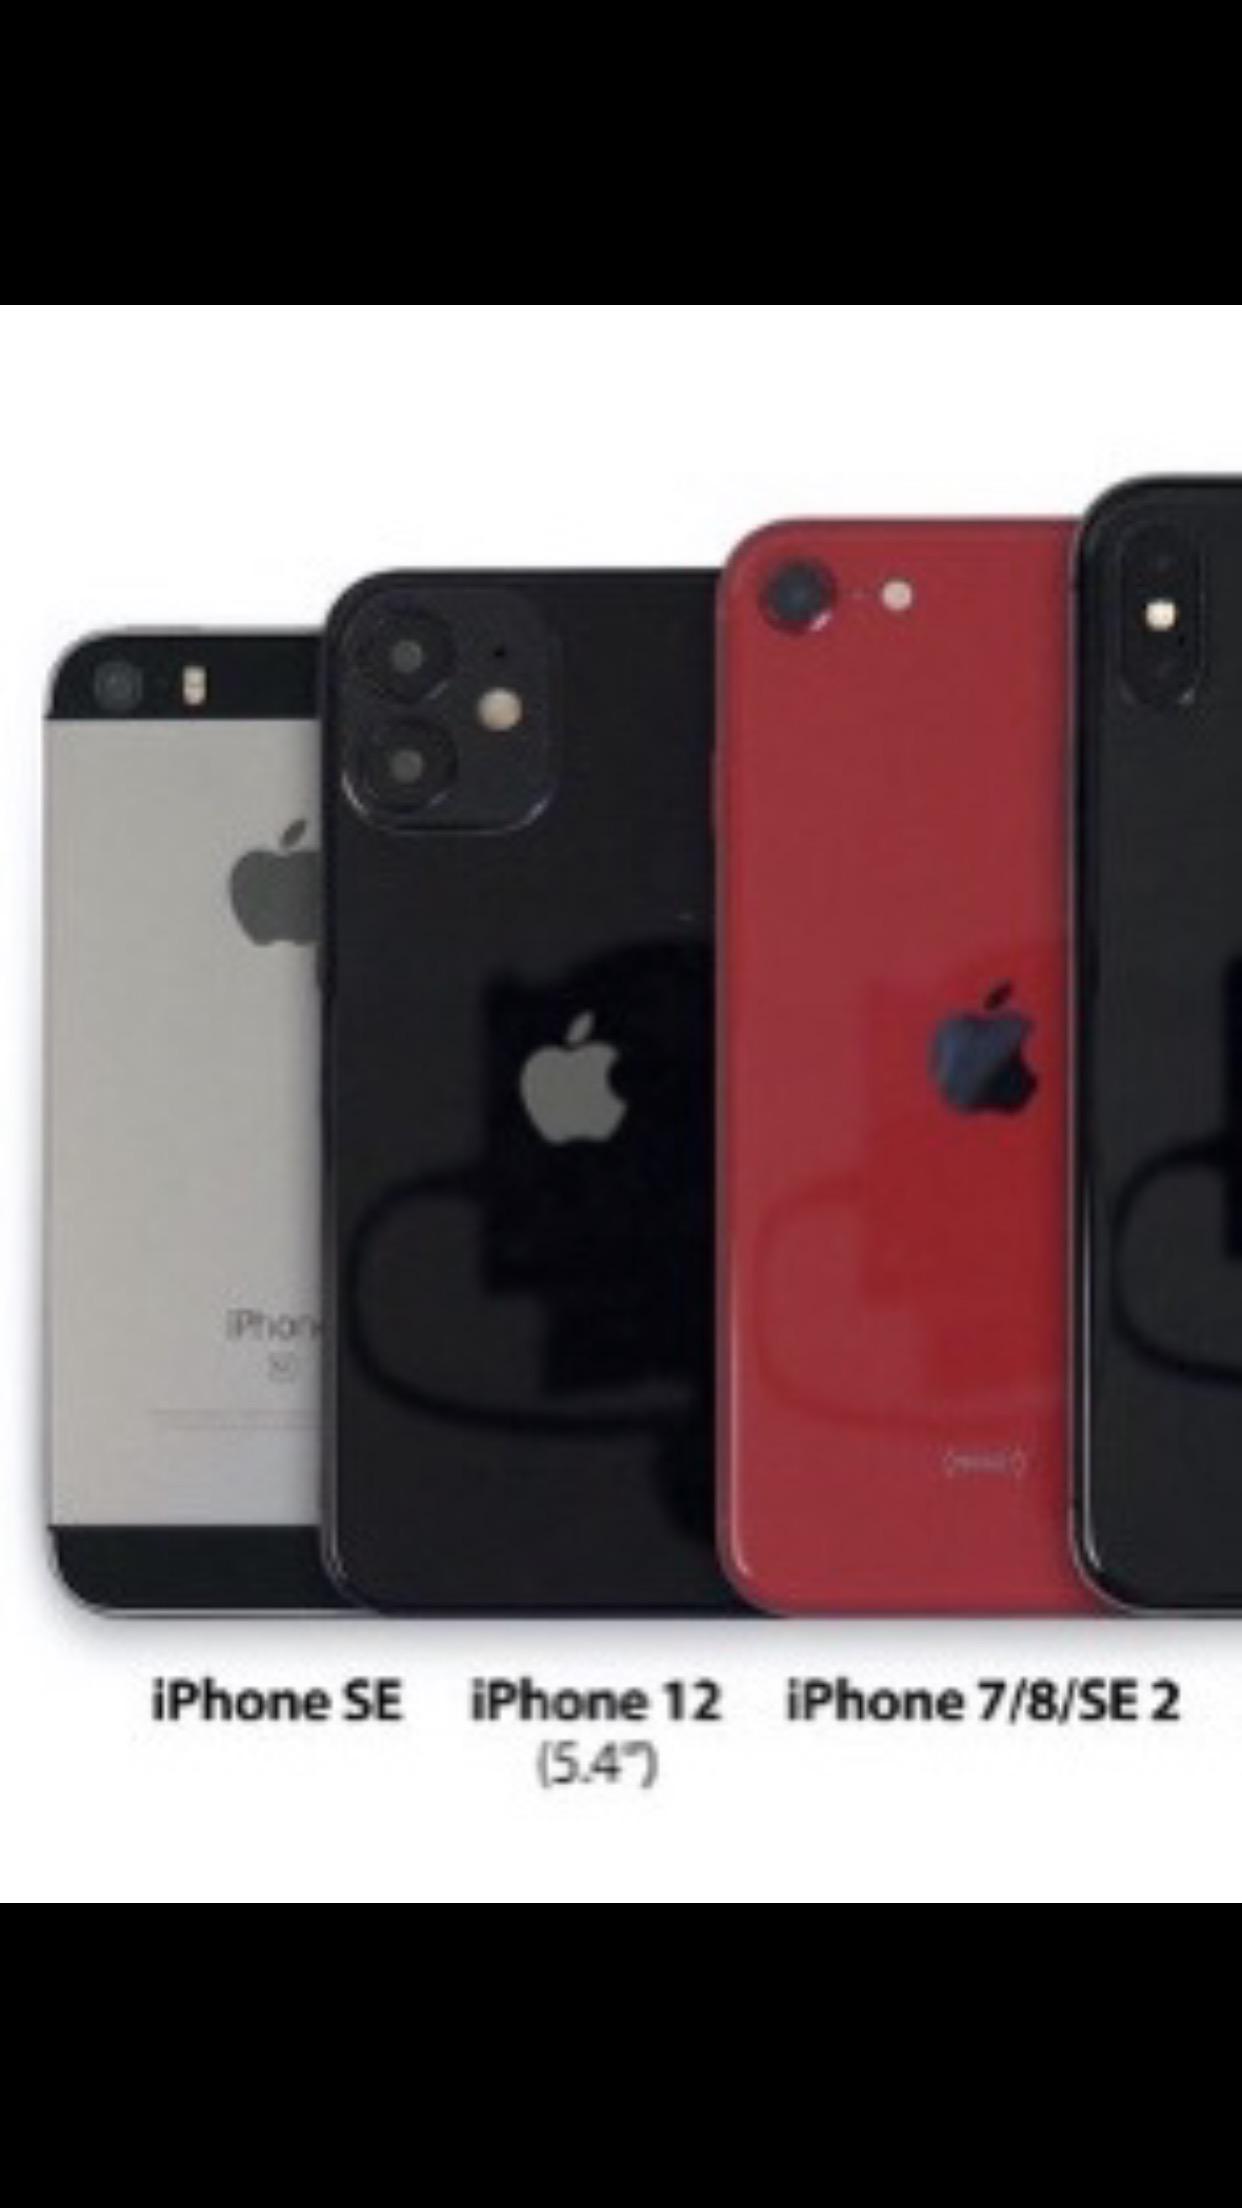 3 1 - iPhone12ミニ 128GB 6万9800円と判明